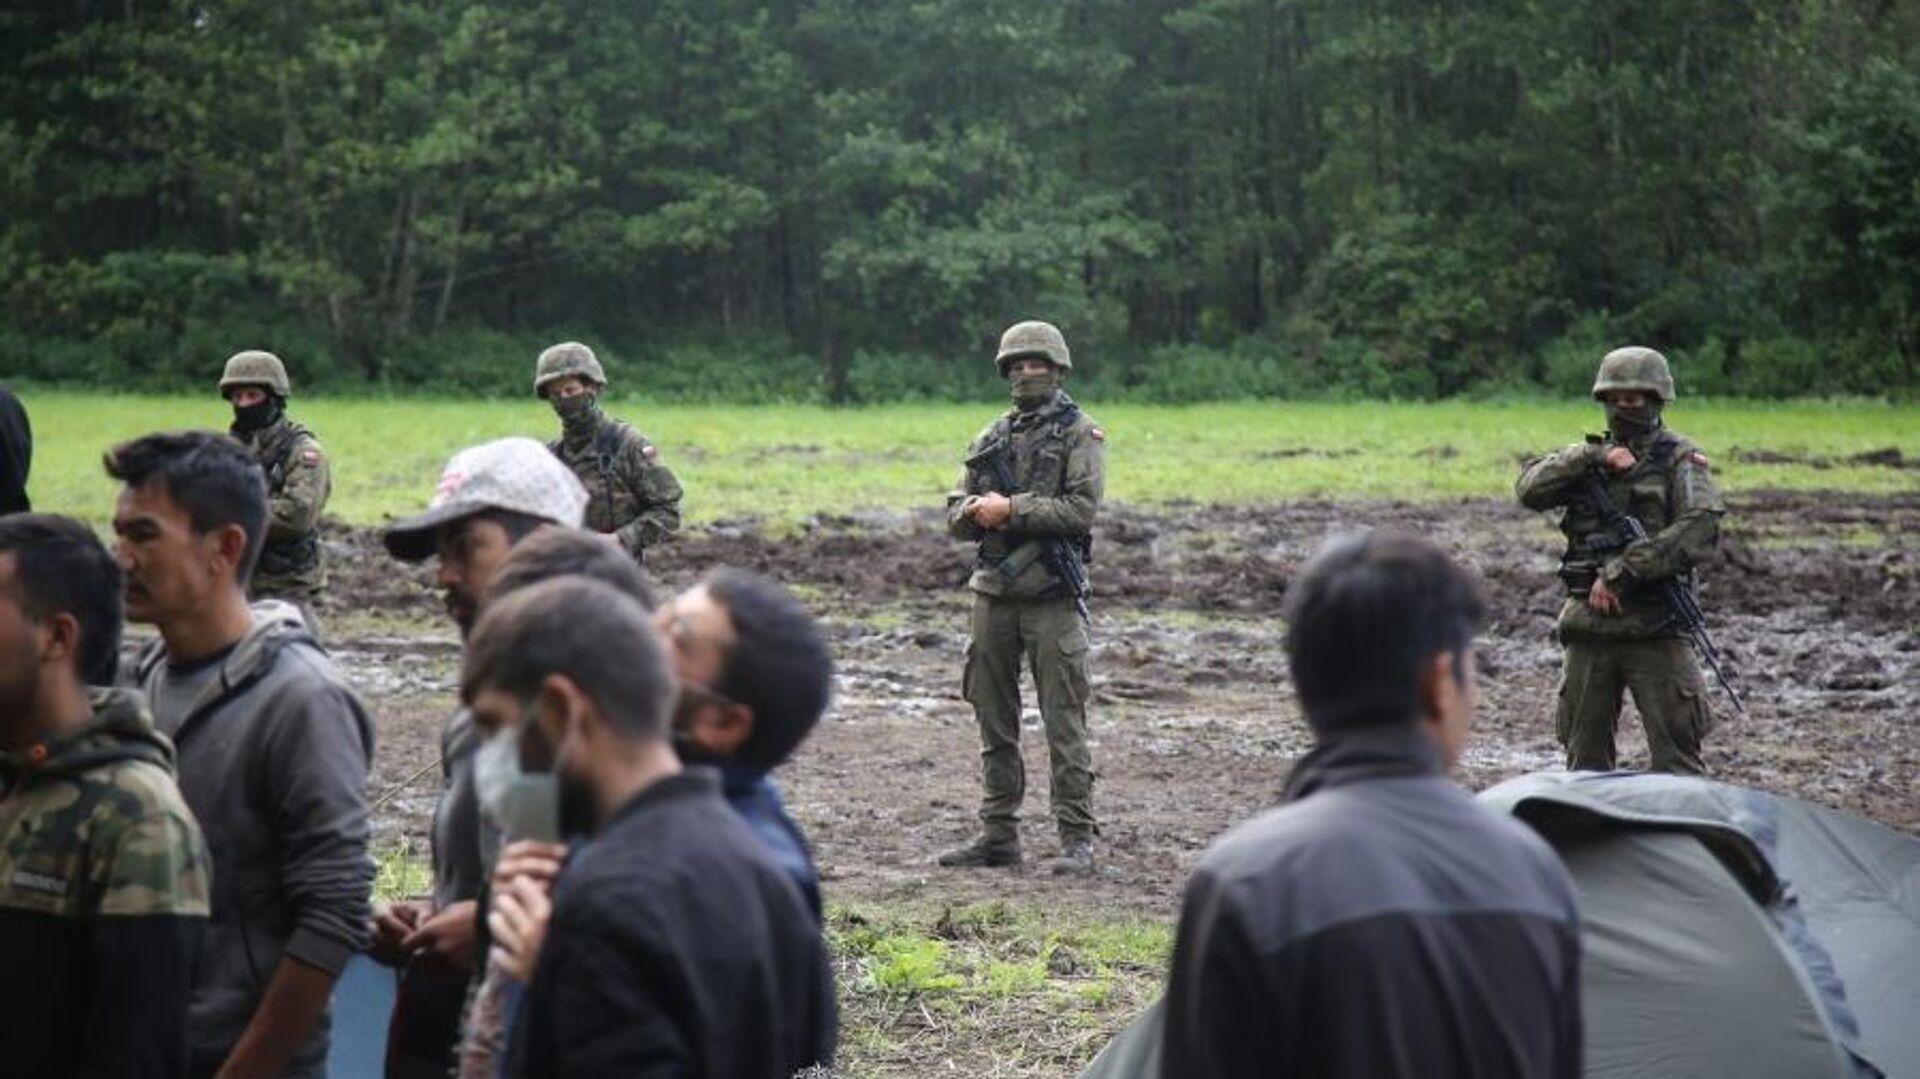 Польские пограничники в момент передачи гуманитарной помощи беженцам из Афганистана, 1 сентября 2021 года - Sputnik Латвия, 1920, 08.09.2021